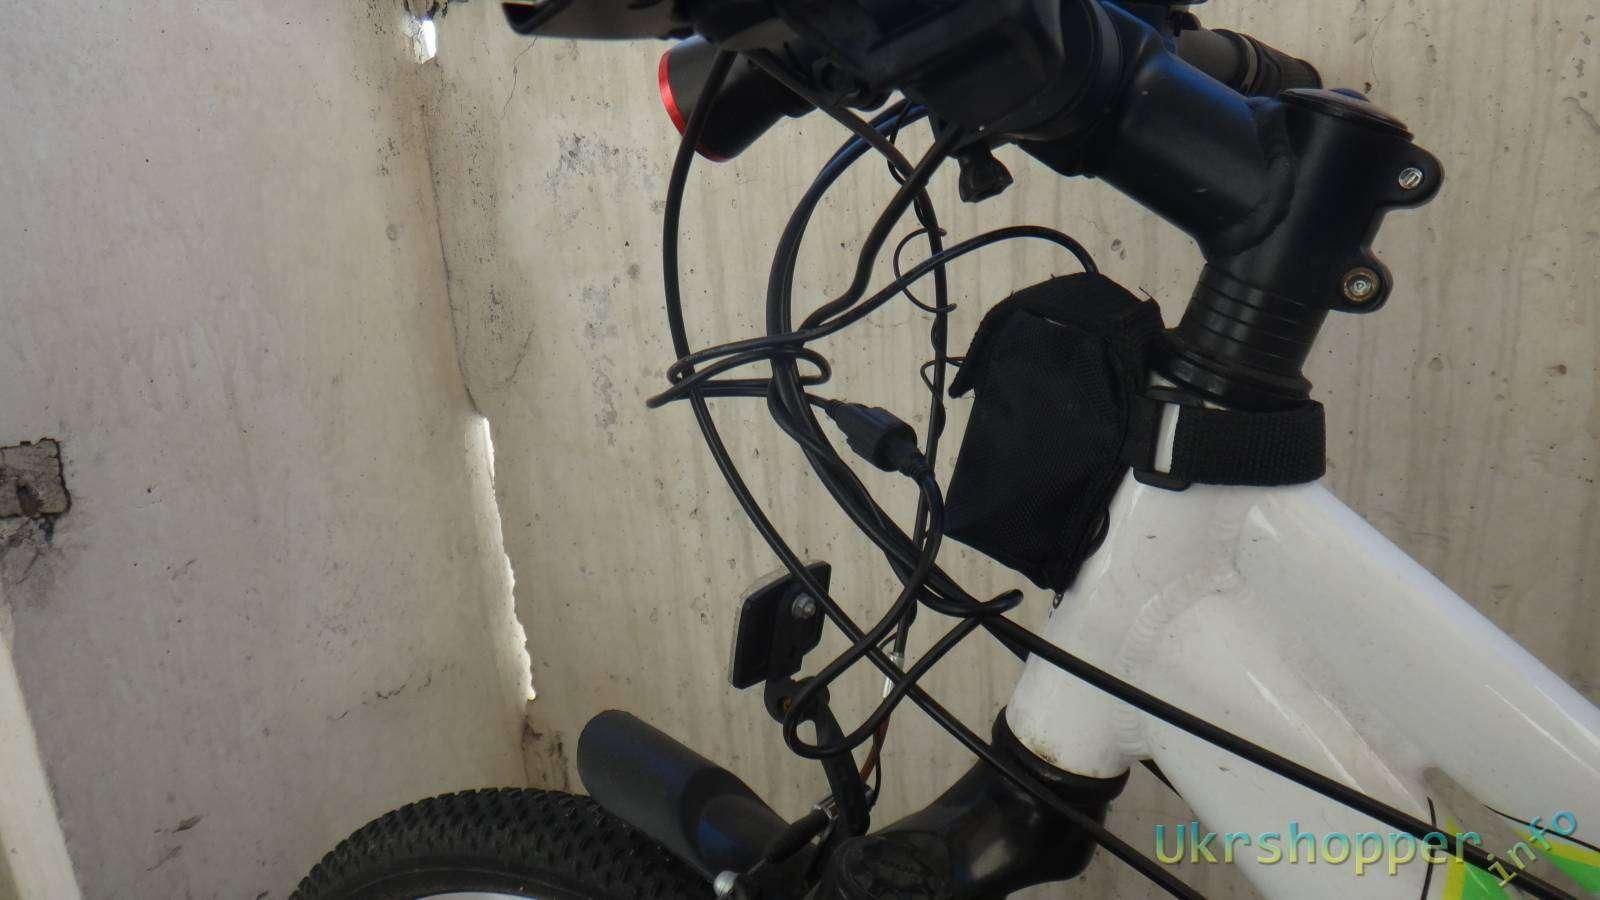 Comebuy.com: Обзор велосипедного фонаря SolarStorm X2 на двух Cree XM-L2 и выносным аккумулятором  на 4*18650